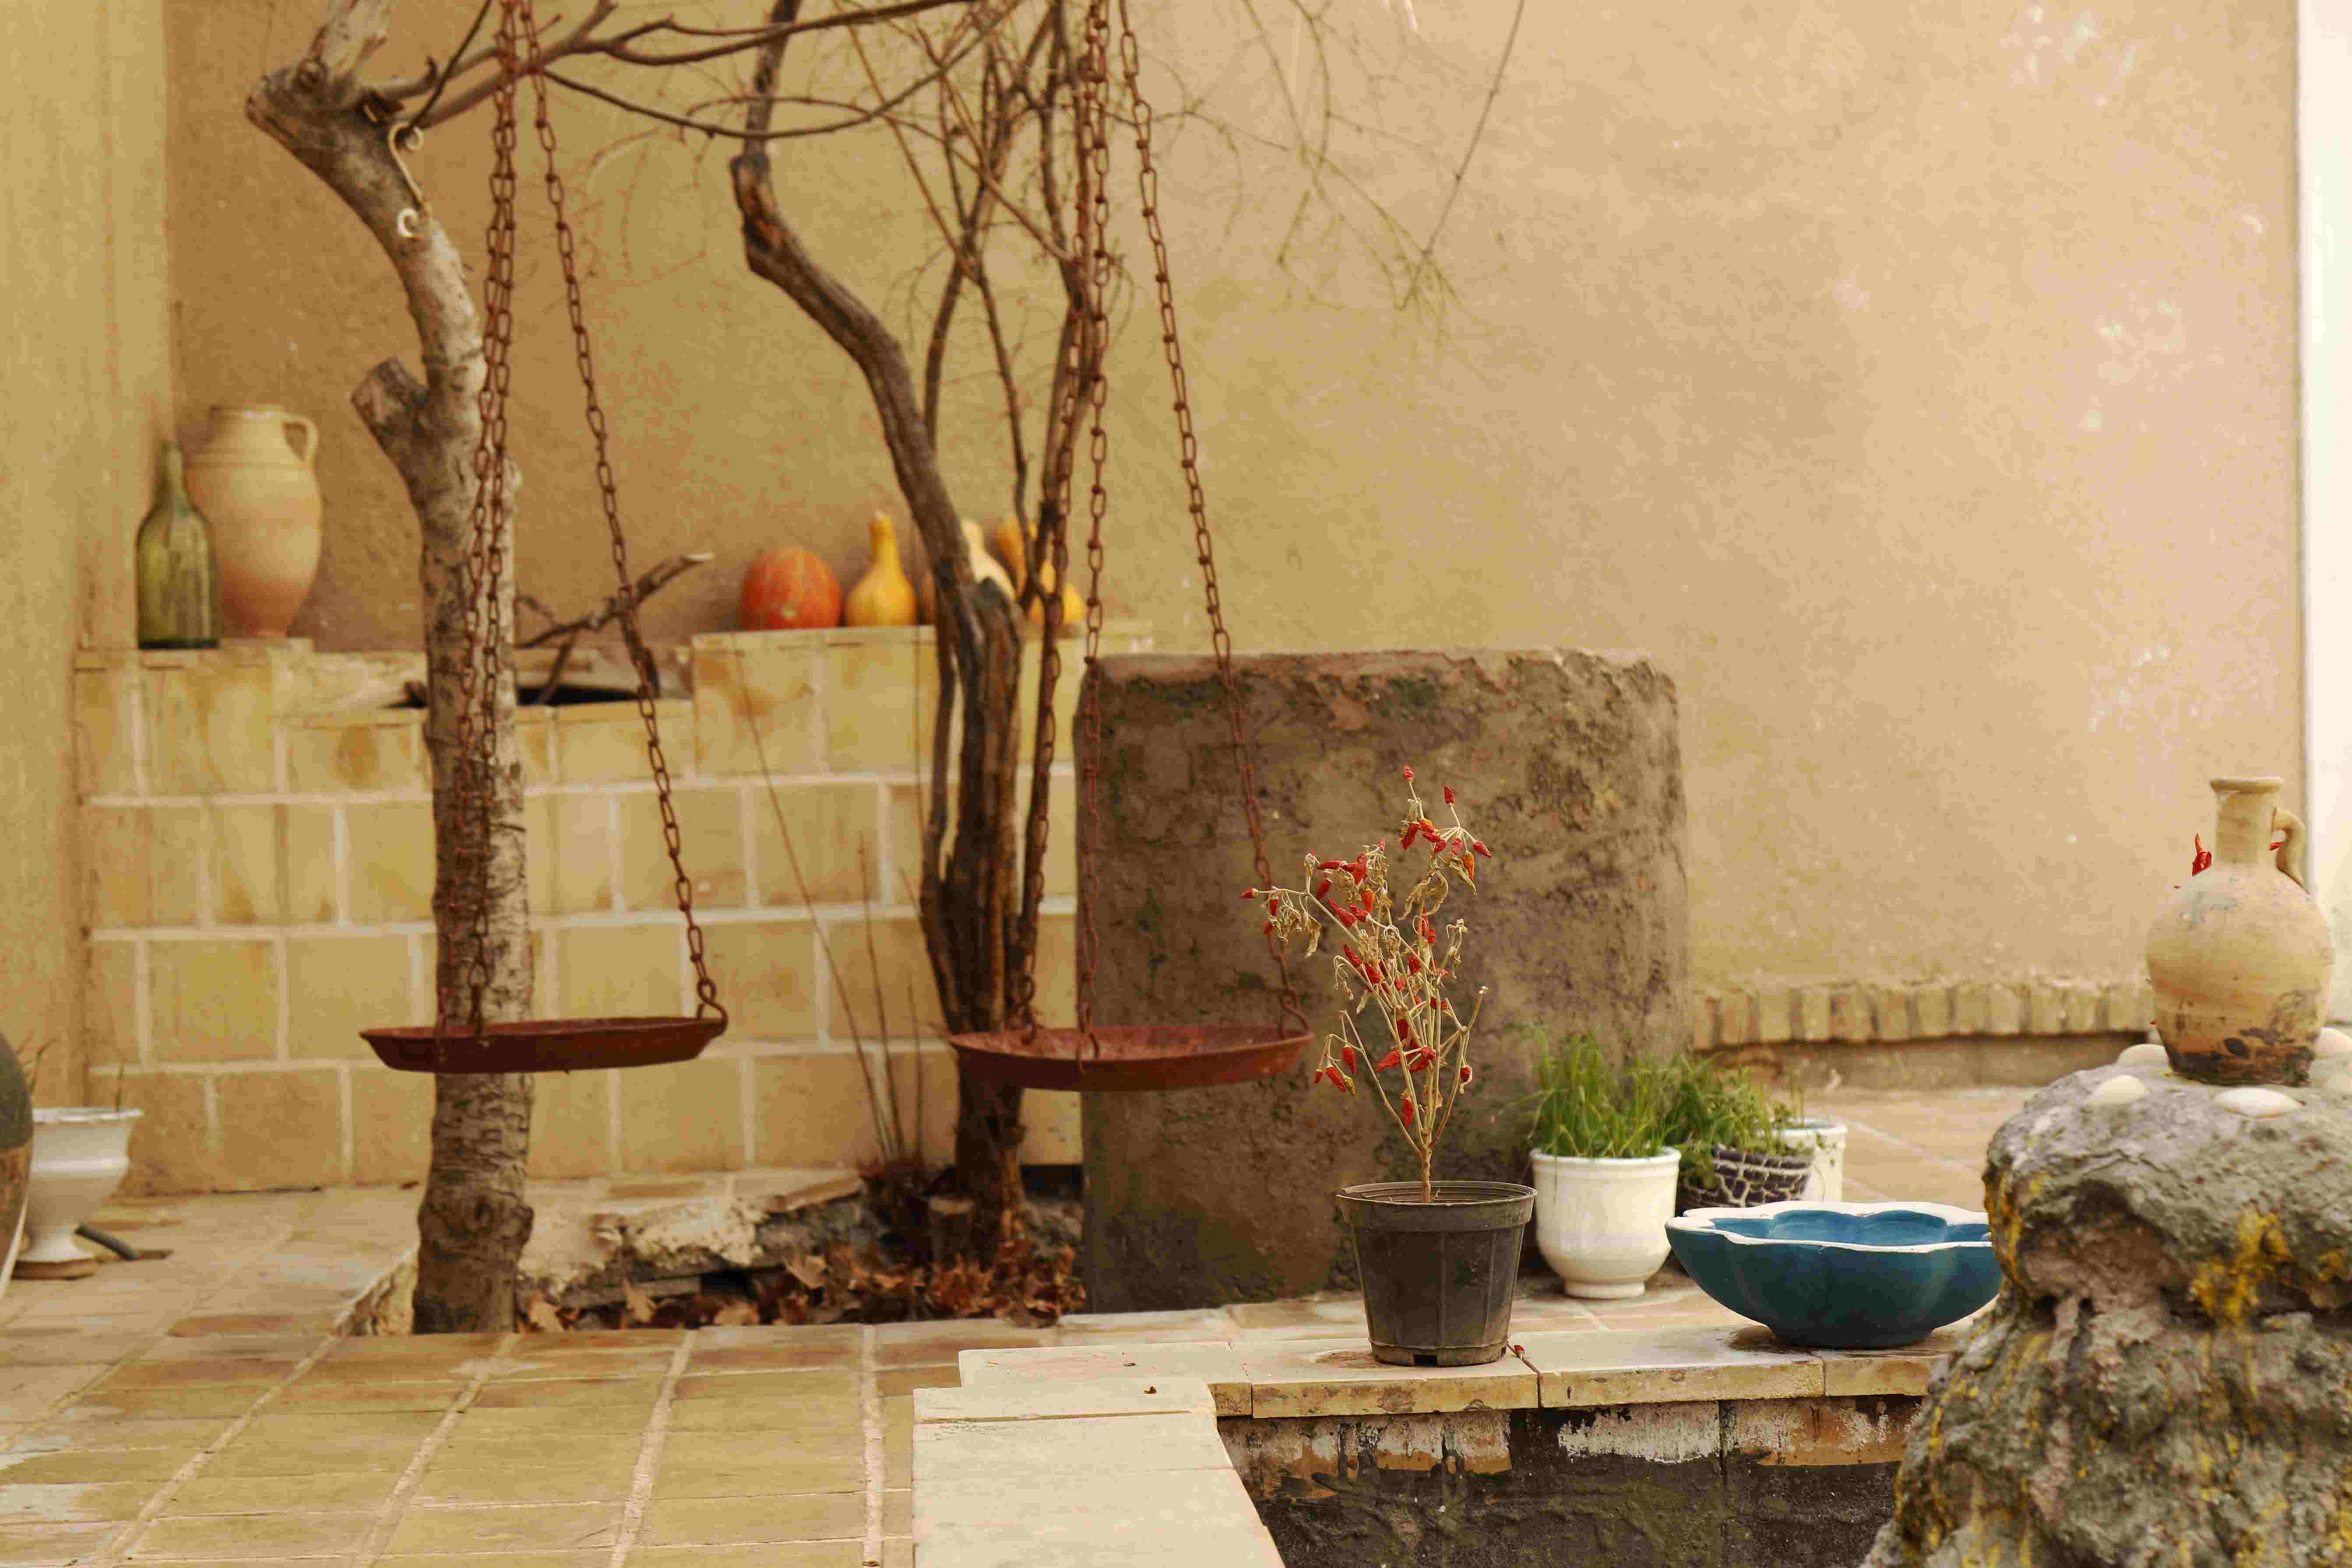 بوم گردی اقامتگاه بومگردی در باغستان نطنز